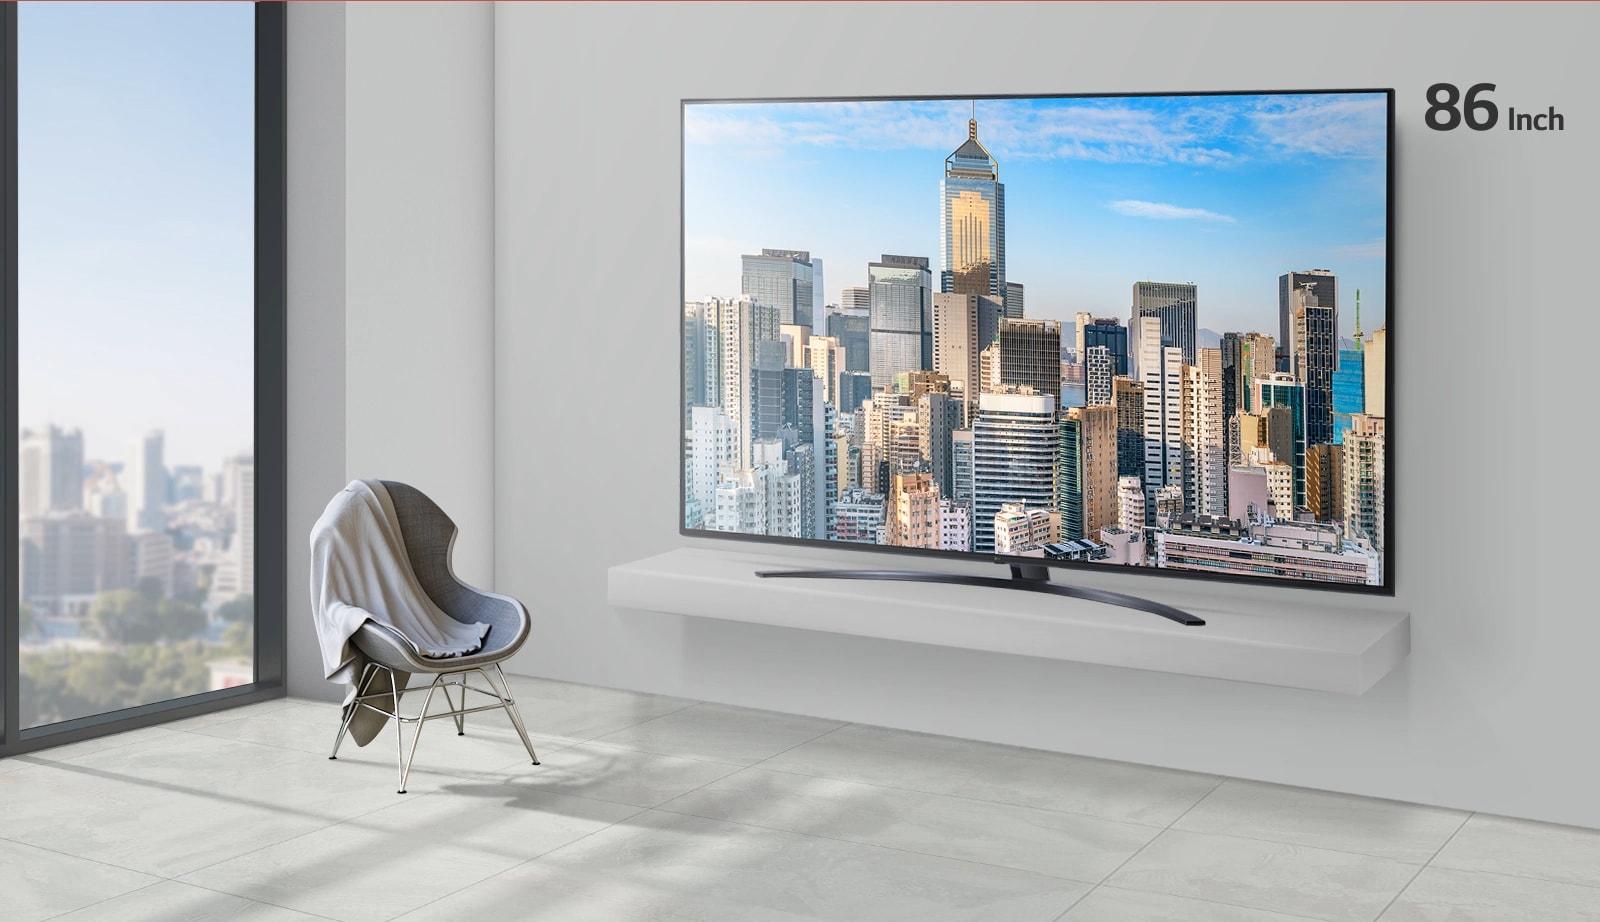 Размер телевизора с изображением небоскребов в офисе увеличивается с 55 дюймов до 86 дюймов